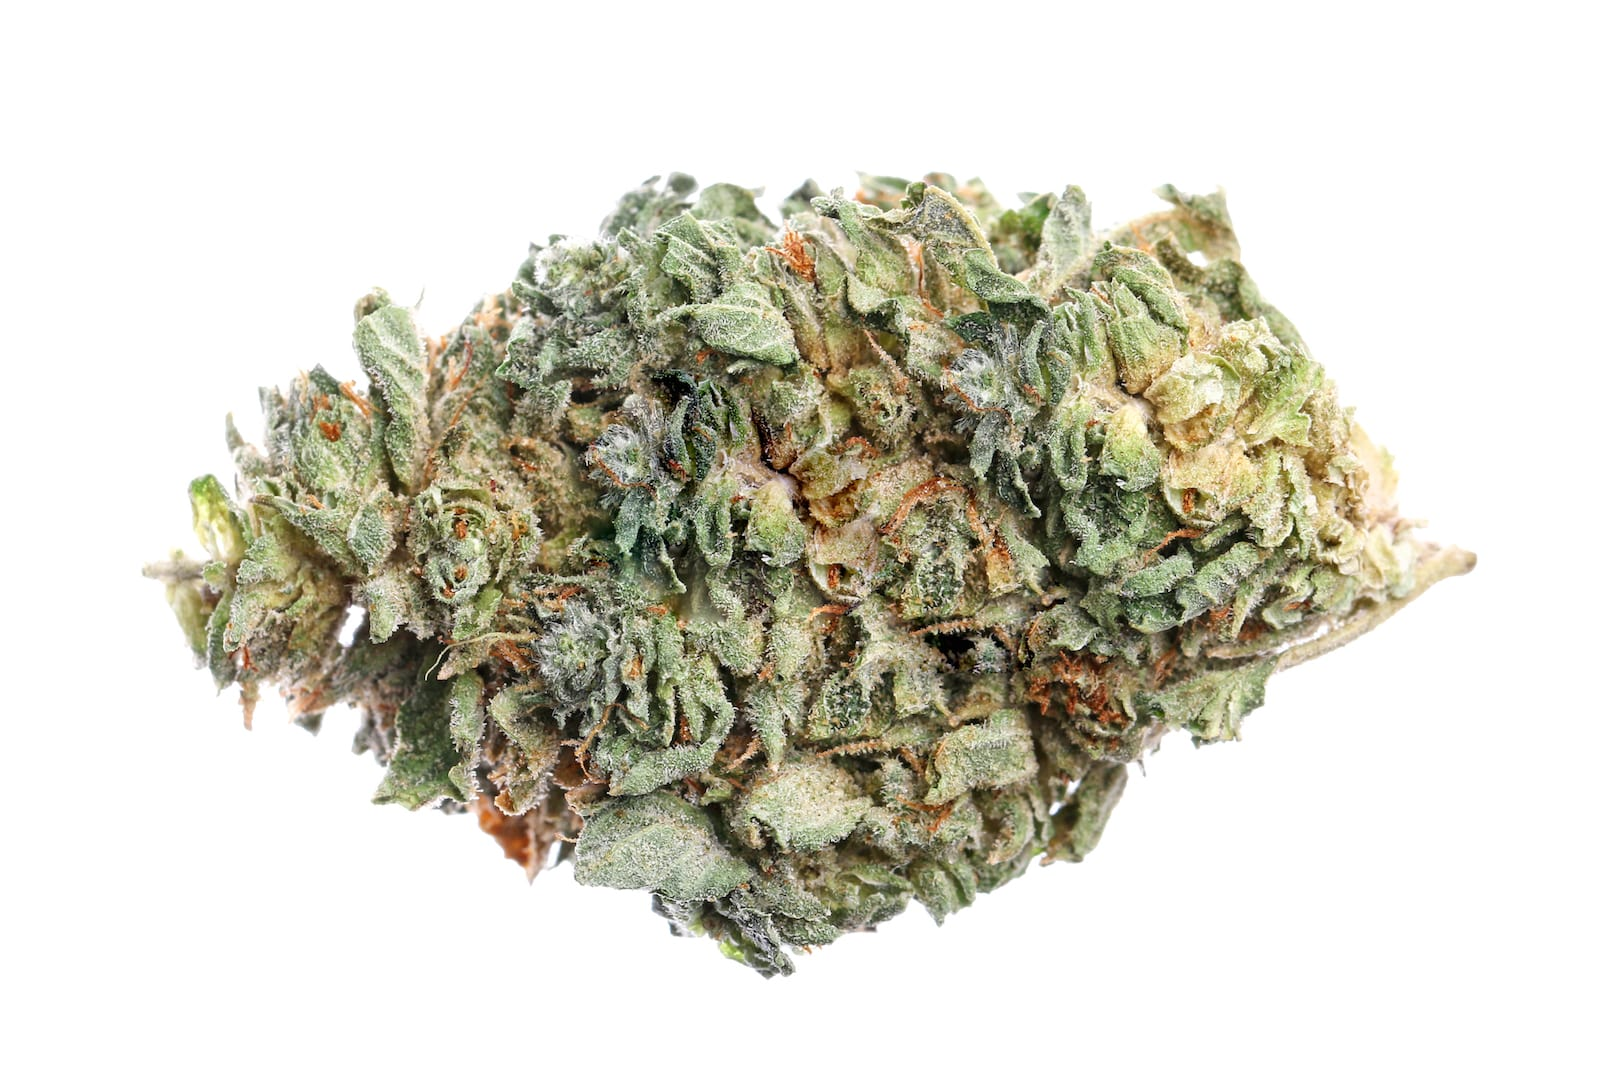 Big Smooth Cannabis bud